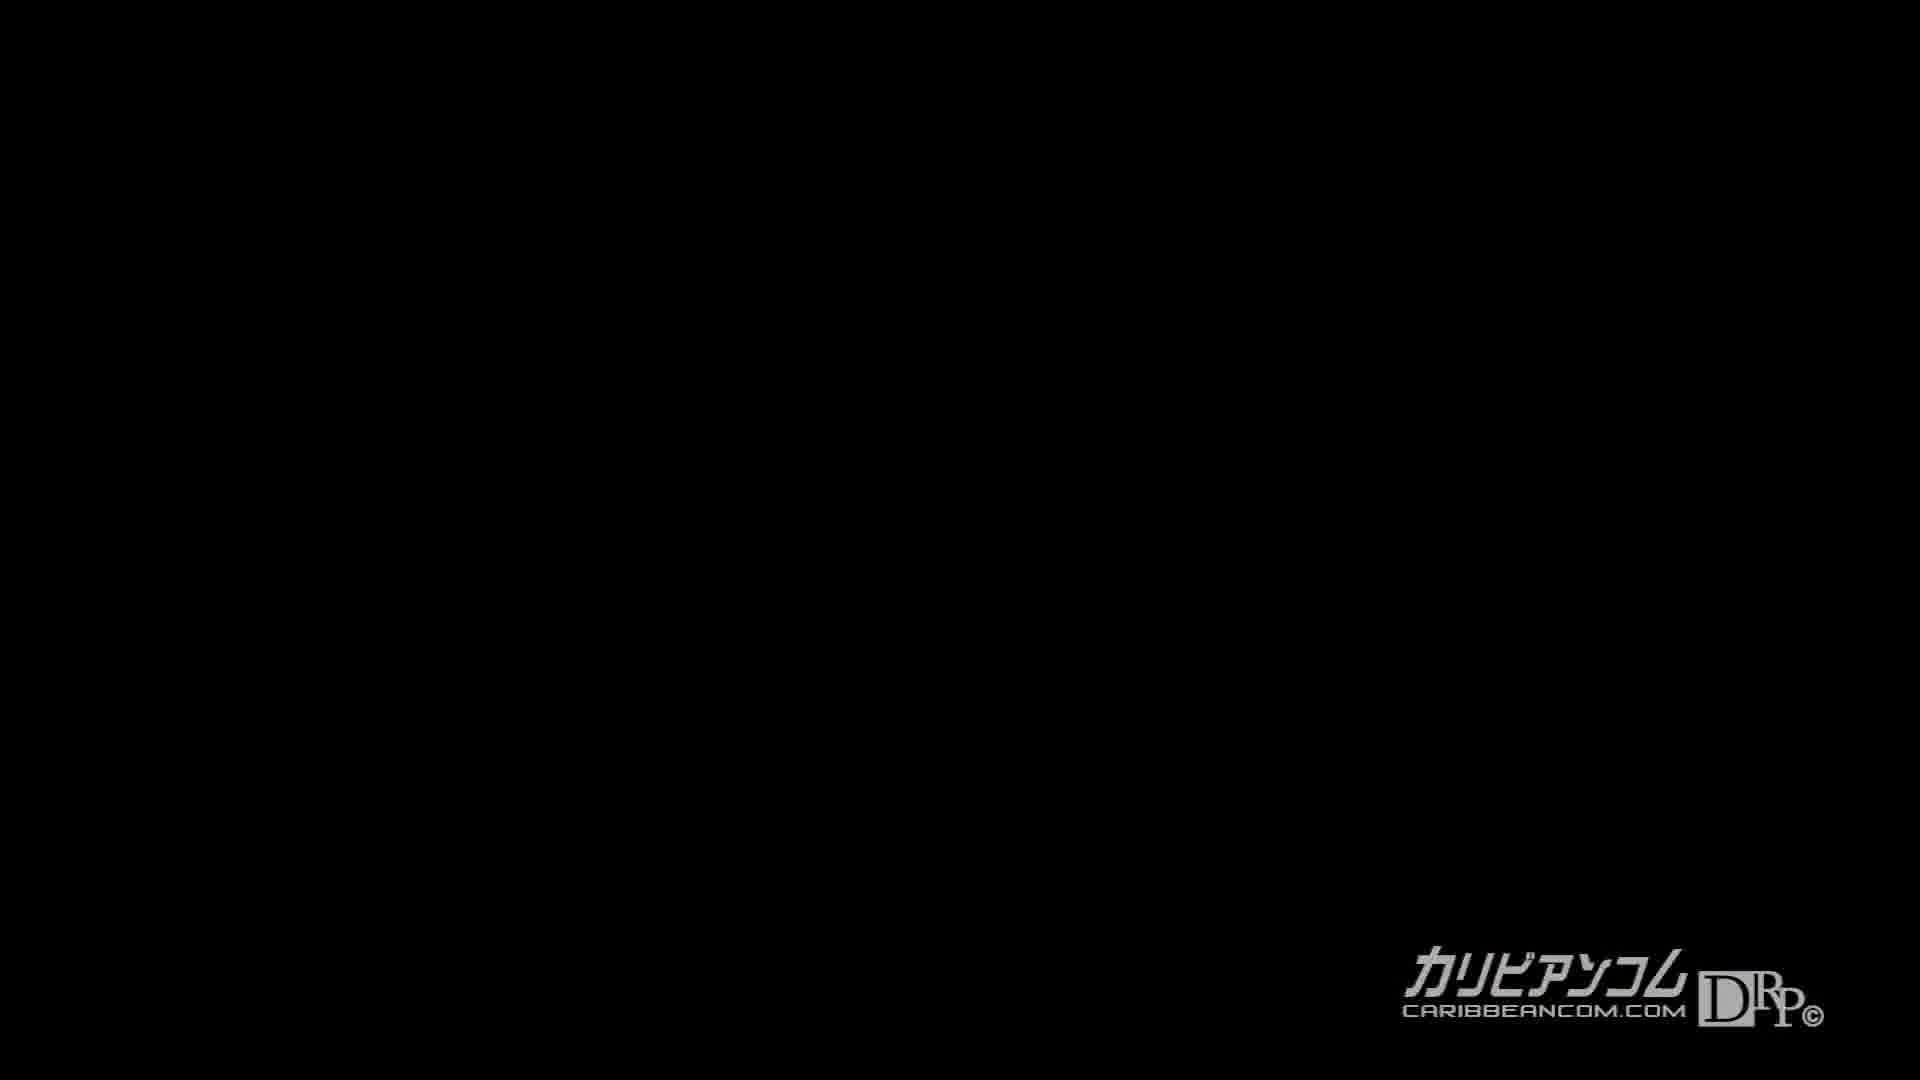 働くオンナINCIDENT ~OL白雪ことりのCASE~ - 水原えれな【乱交・パイパン・OL】